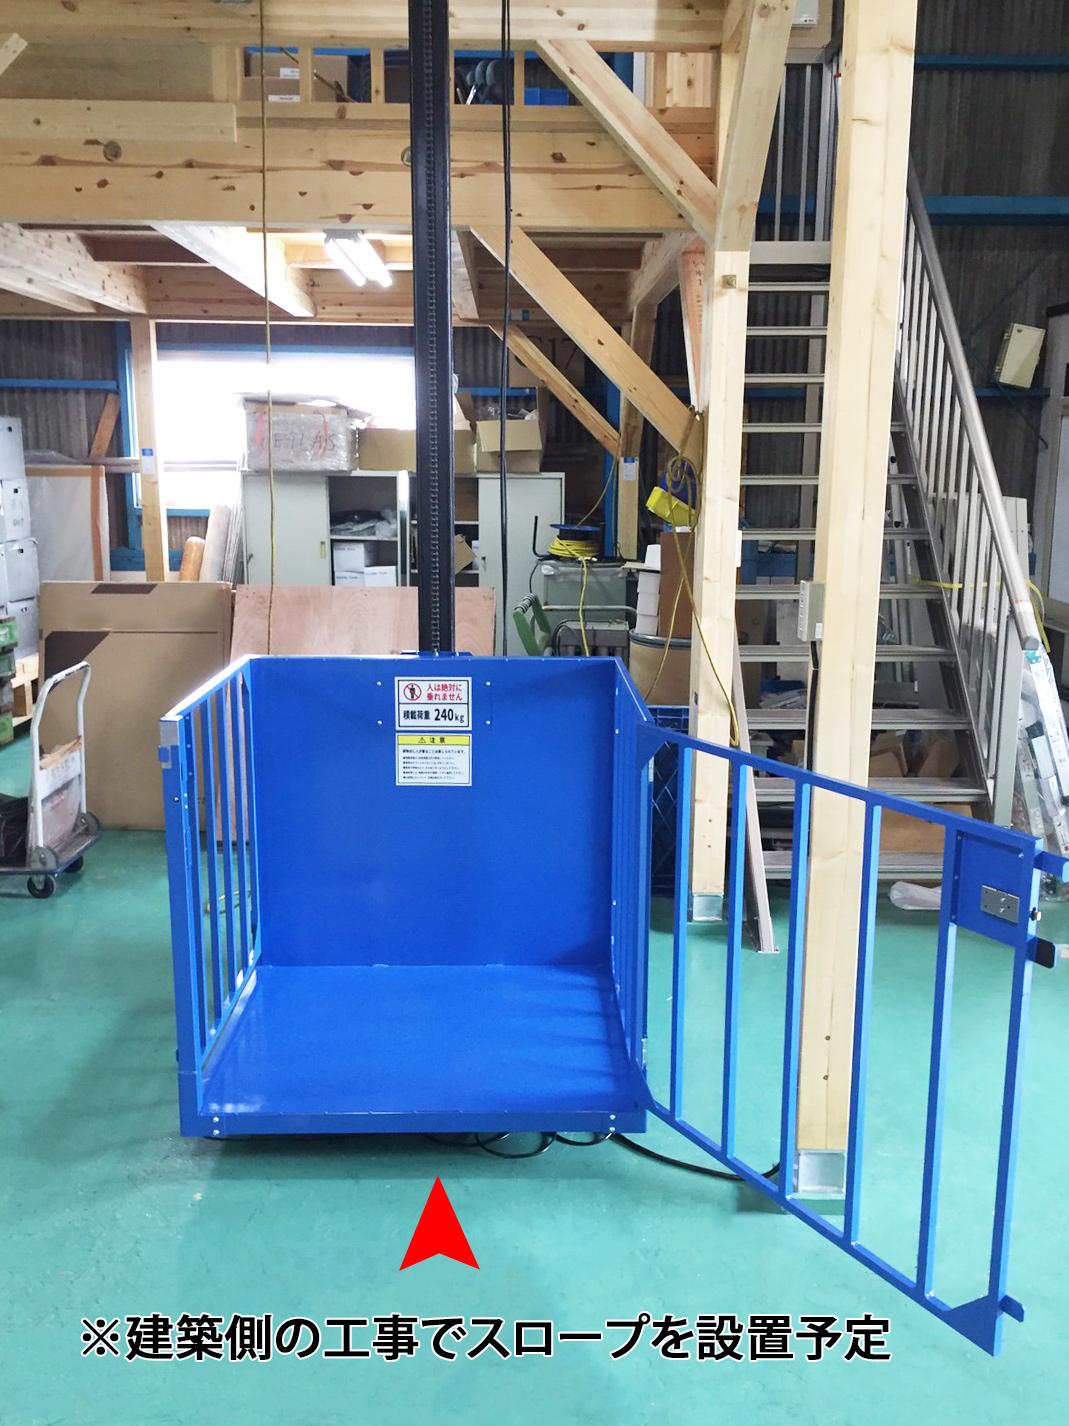 建築側の工事でスロープを設置予定